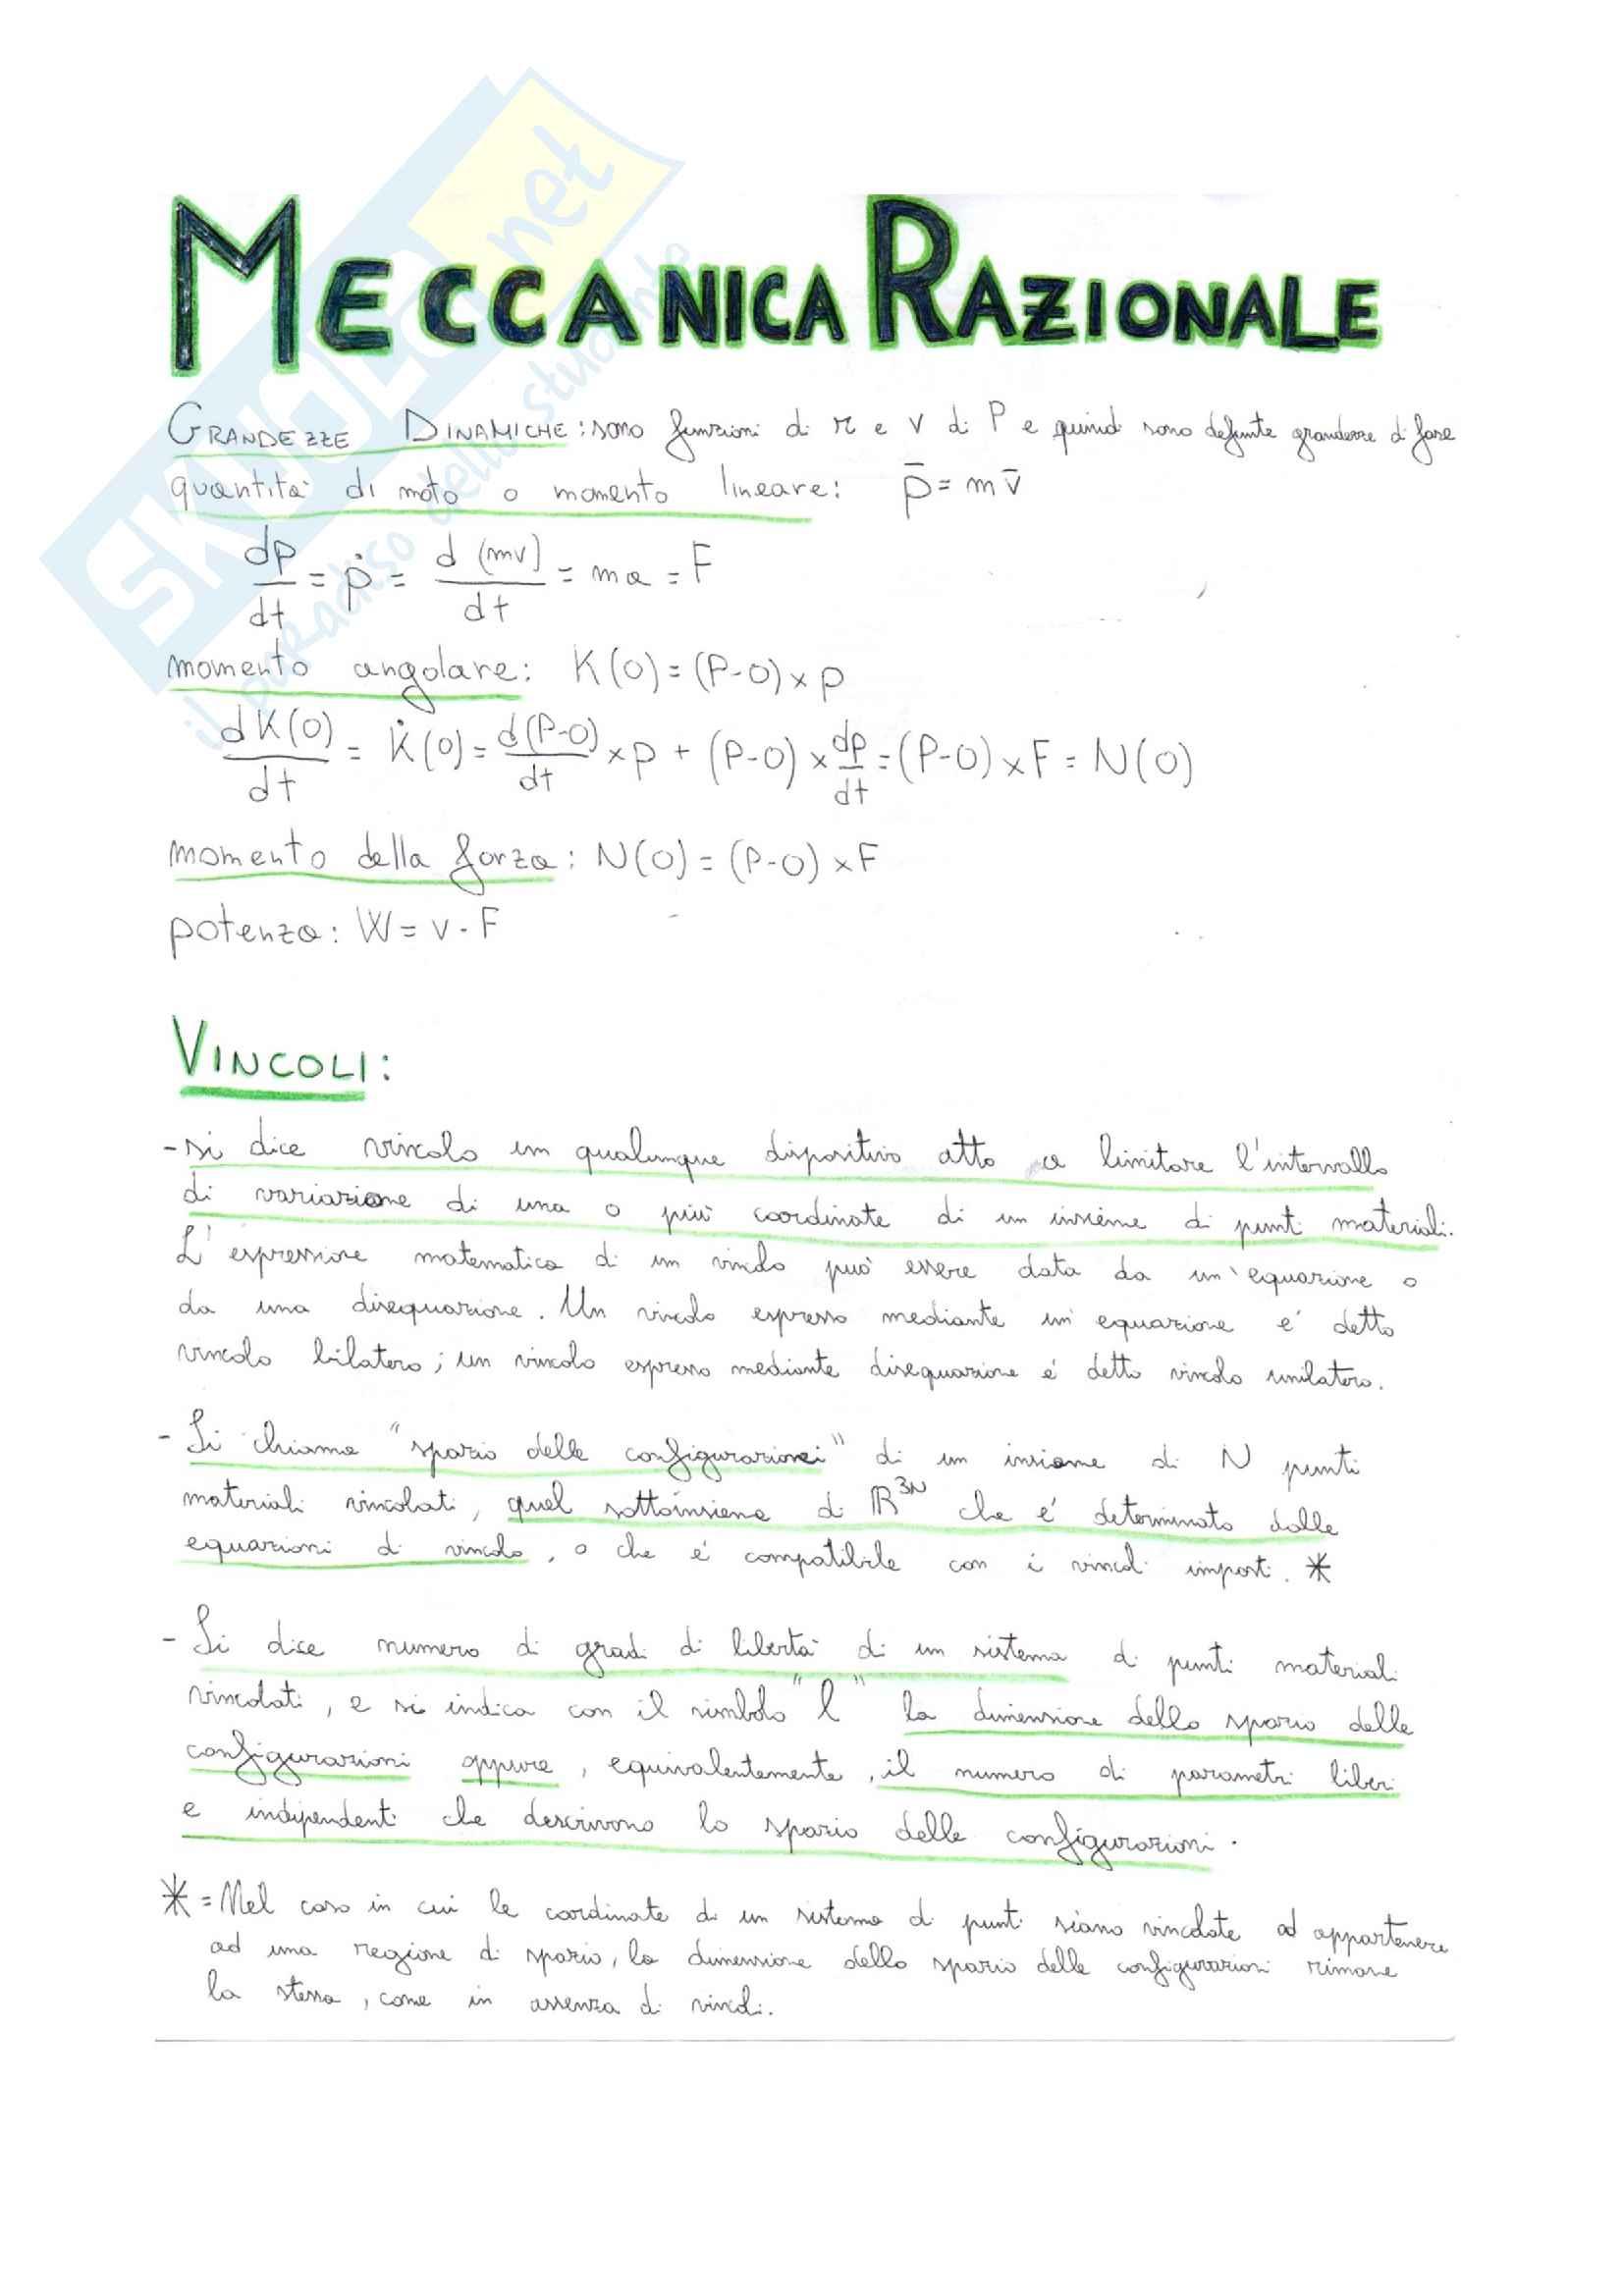 Meccanica Razionale, prof. Demeio, Tutti i teoremi e le dimostrazioni per l'esame orale + esercizi